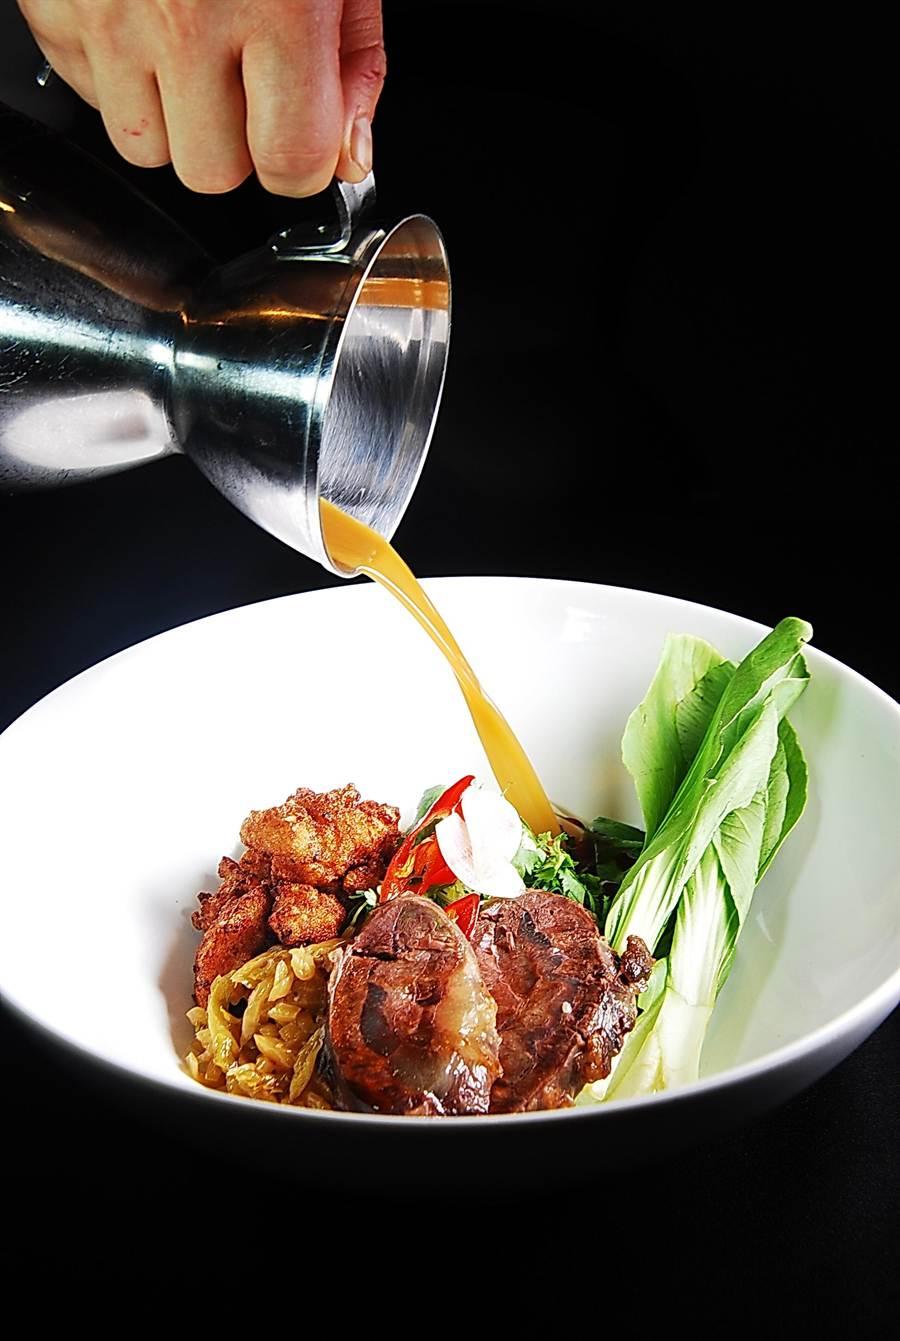 〈咖哩炸雞牛肉麵〉的湯頭結合了台灣牛肉麵與日本豚骨拉麵的湯頭,再加入中式雞湯以1:1:1 的比例混合而成,味道很鮮濃。(圖/姚舜攝)